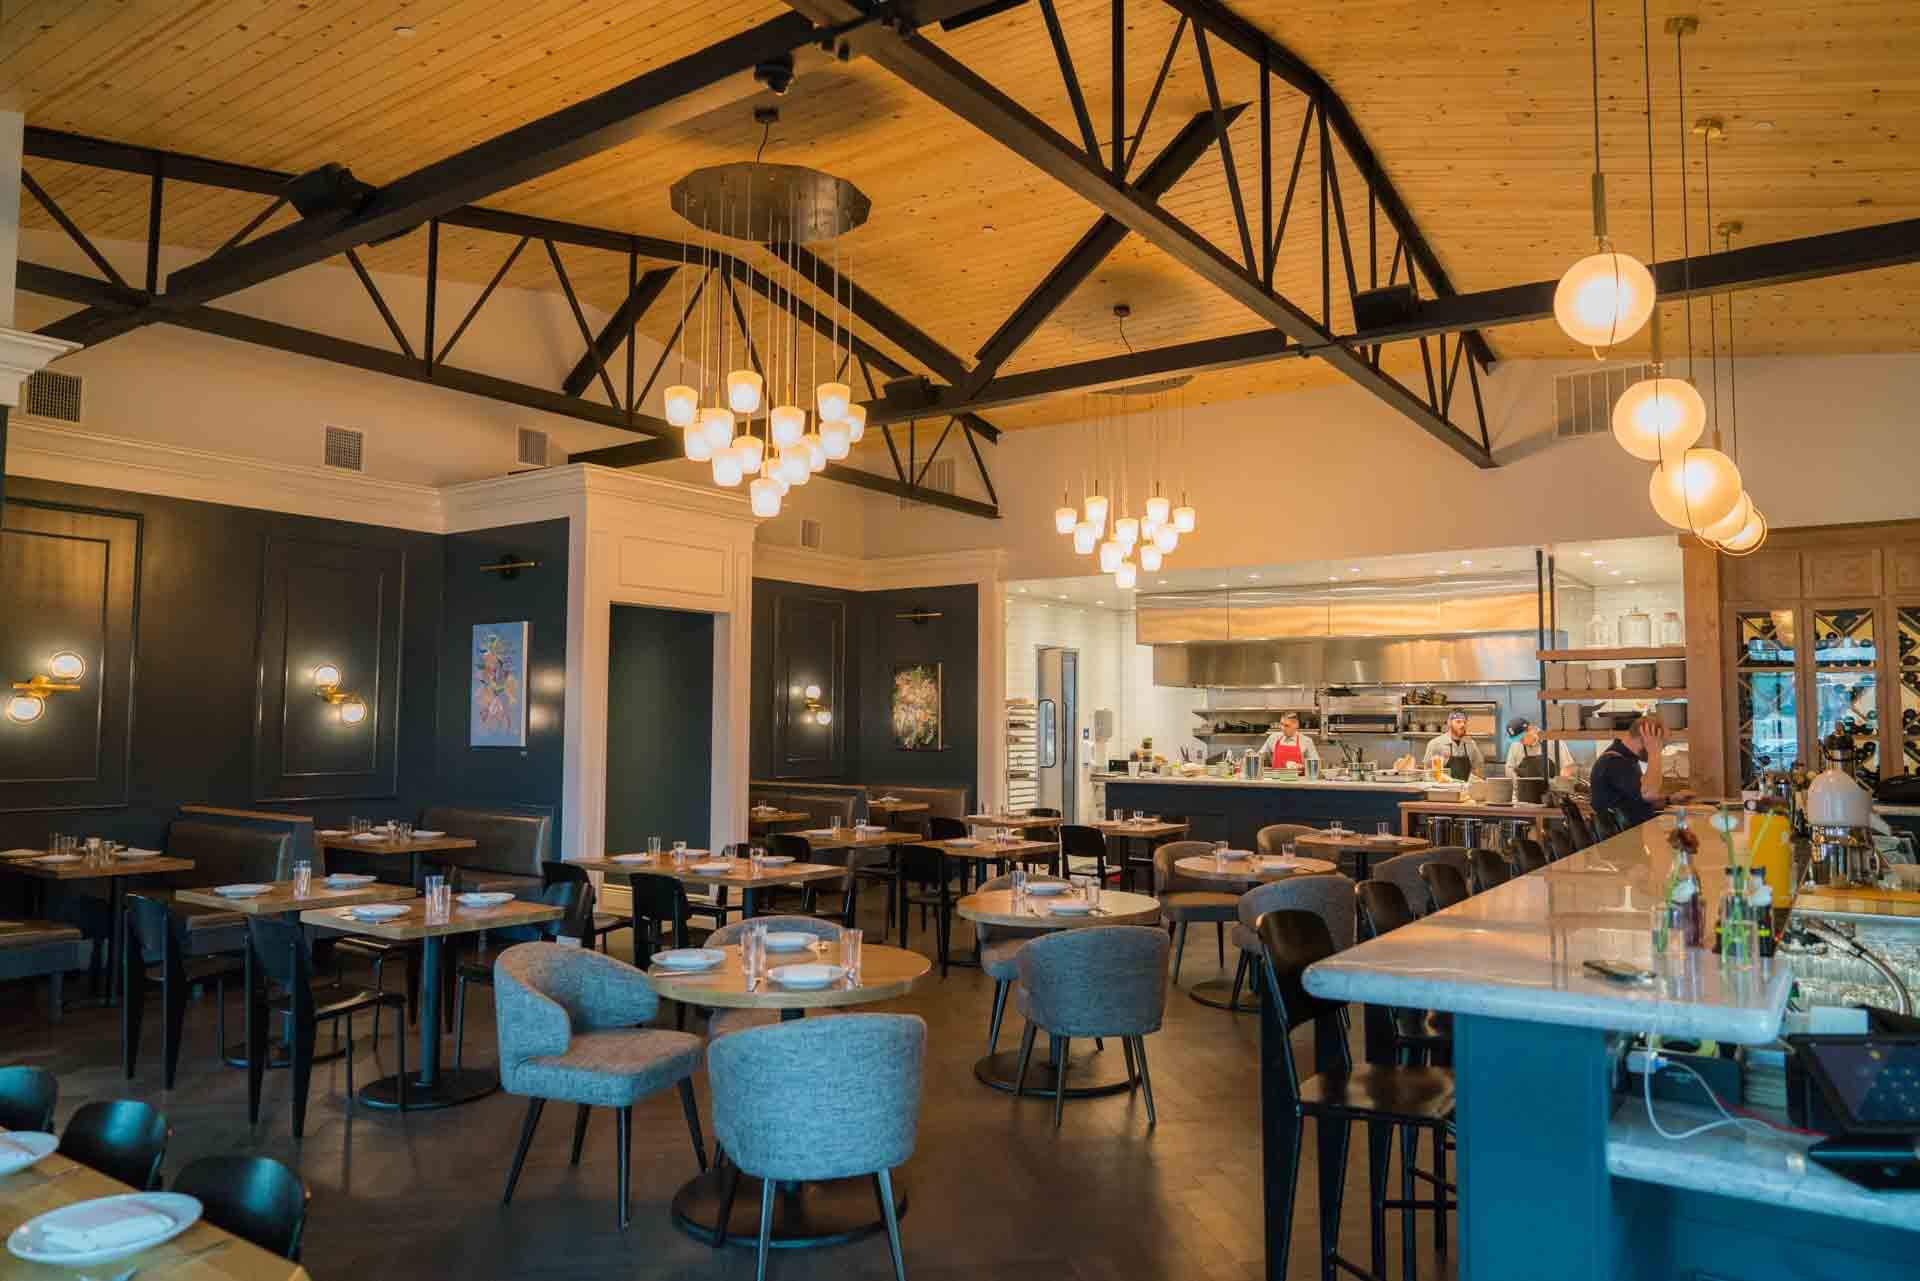 Interior of locally recommdended Canon restaurant in Sacramento, CA